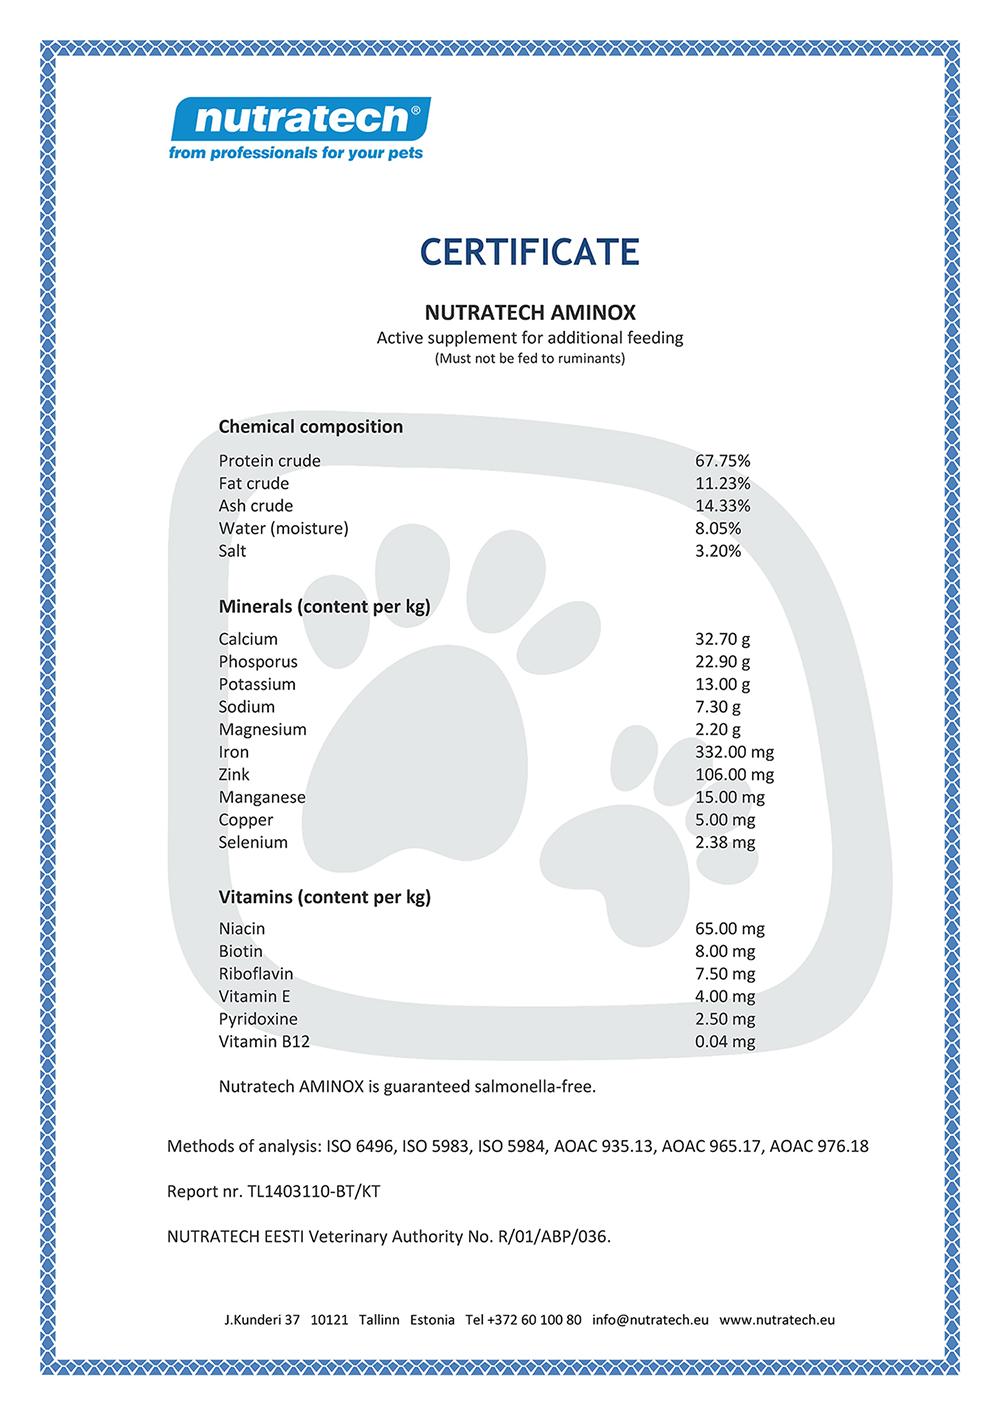 сертифицированный продукт